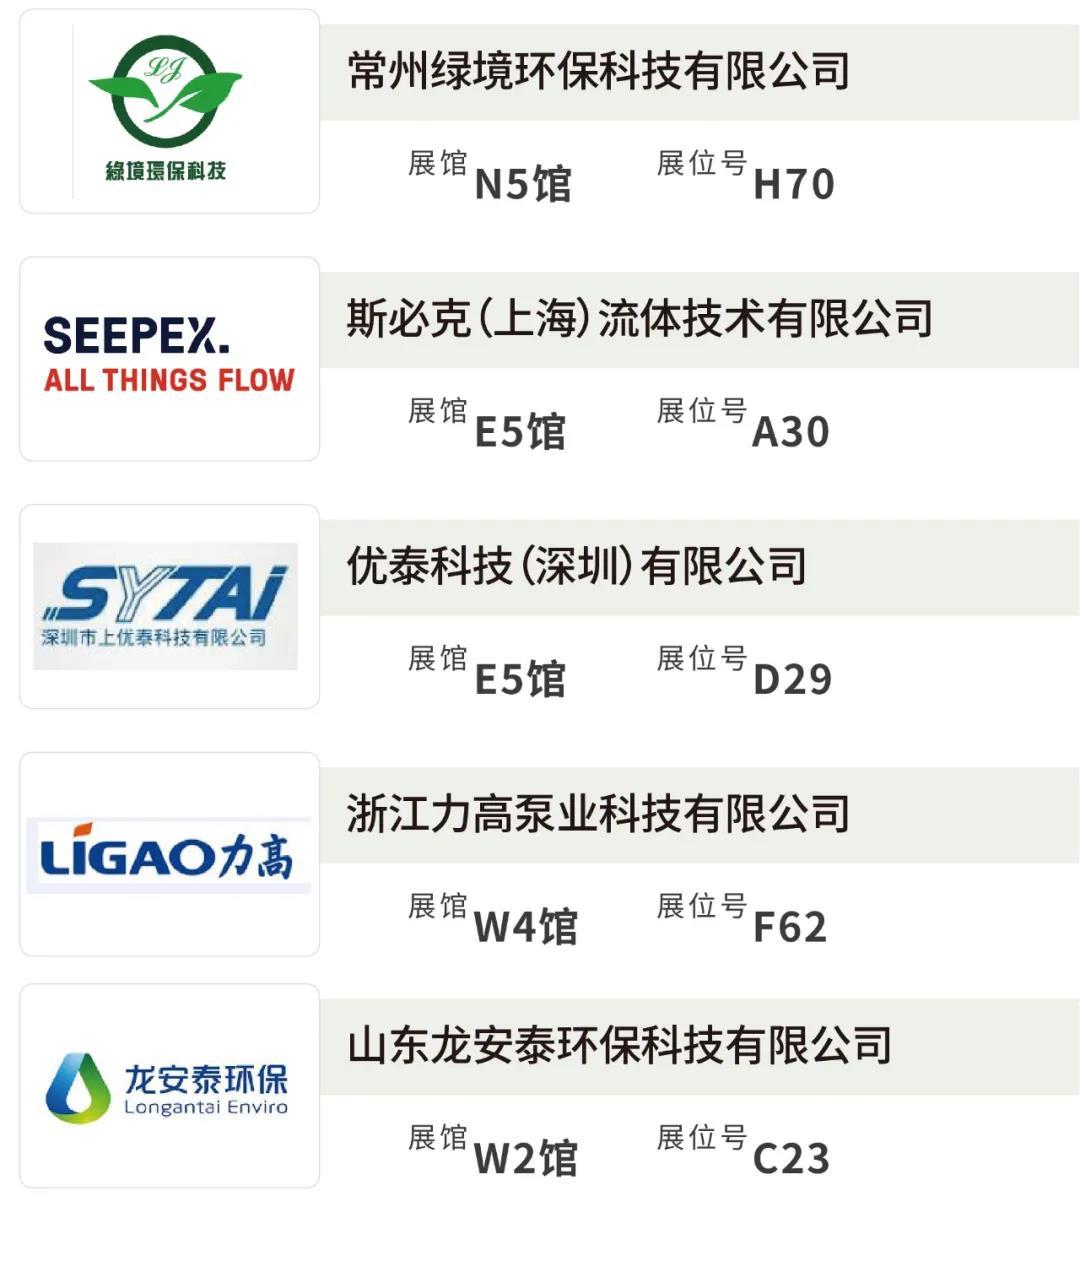 813不要散,疫后环保人相聚上海!第21届中国环博